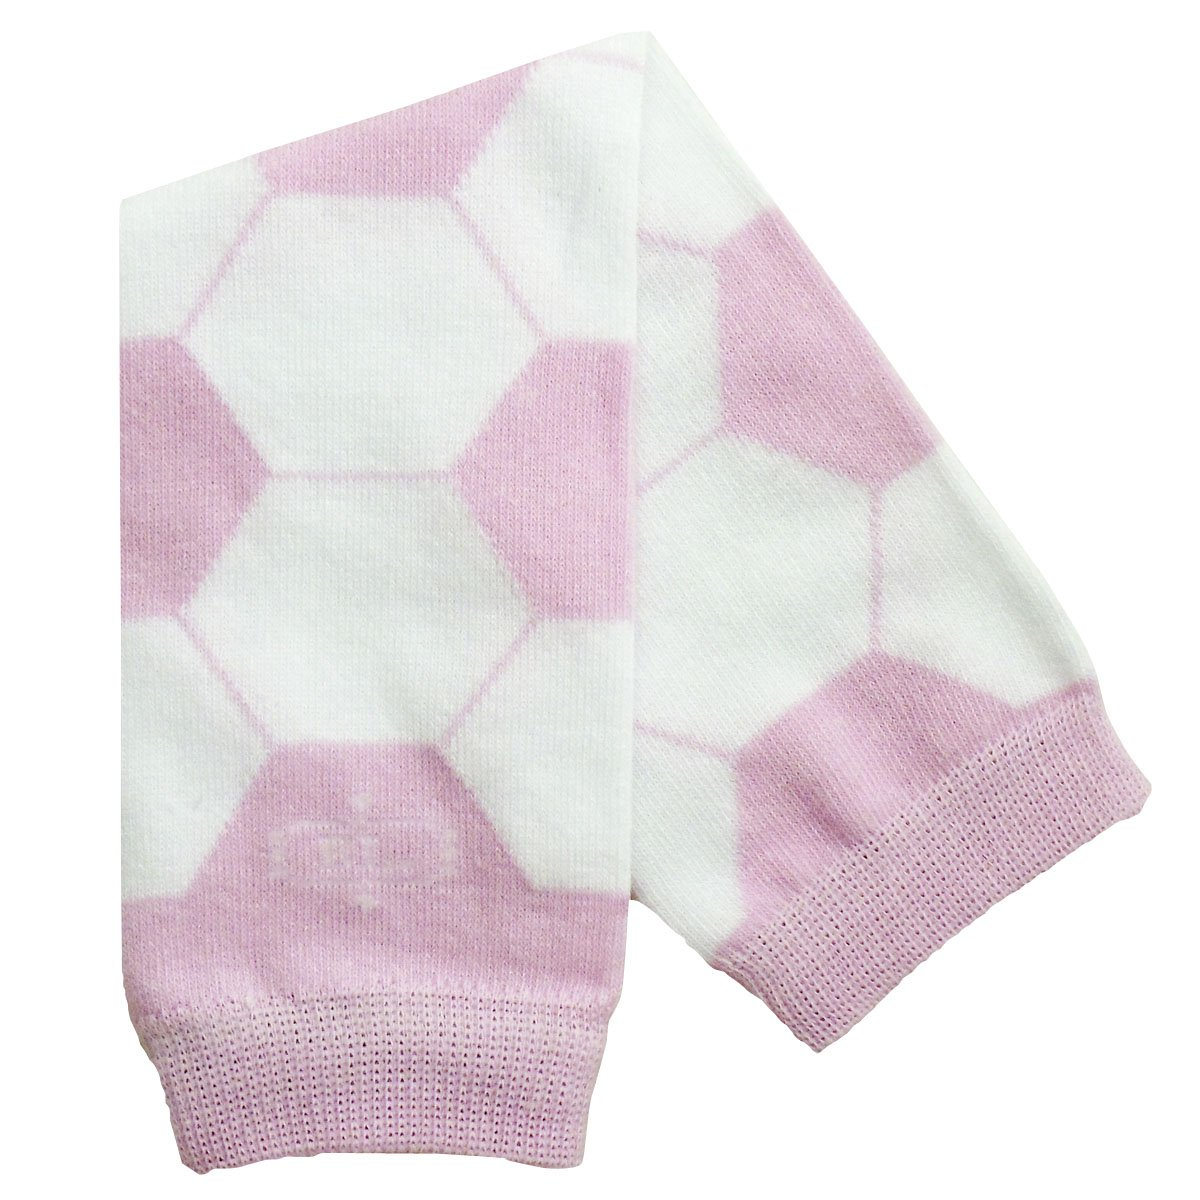 BabyLegs Baby-girls Infant Soccer Chick Legwarmer, Pink/White, One Size BL12-659